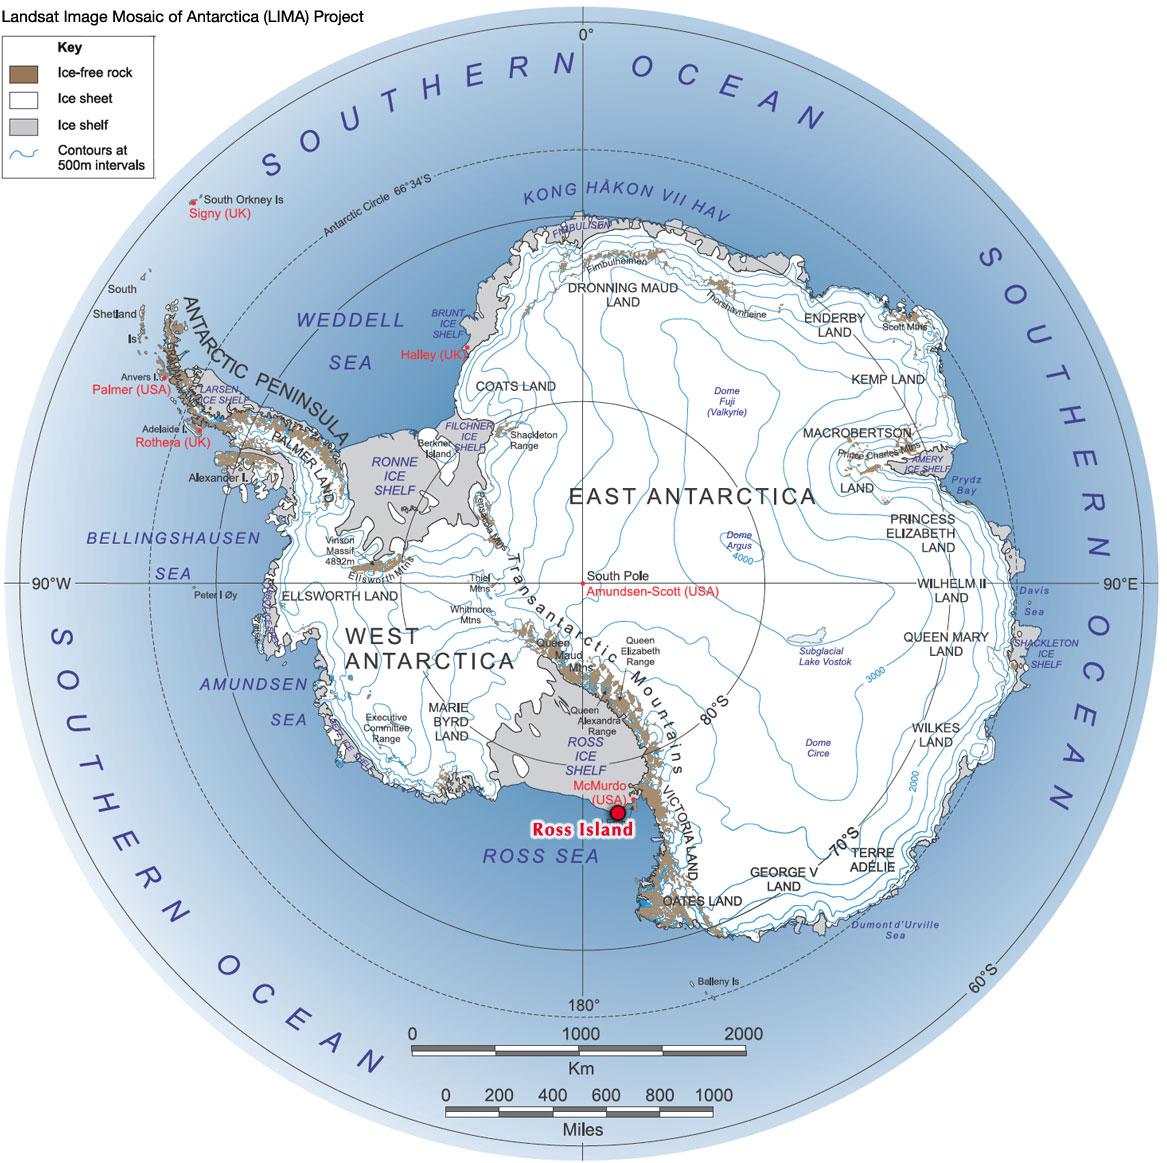 antarctica_penguins.jpg